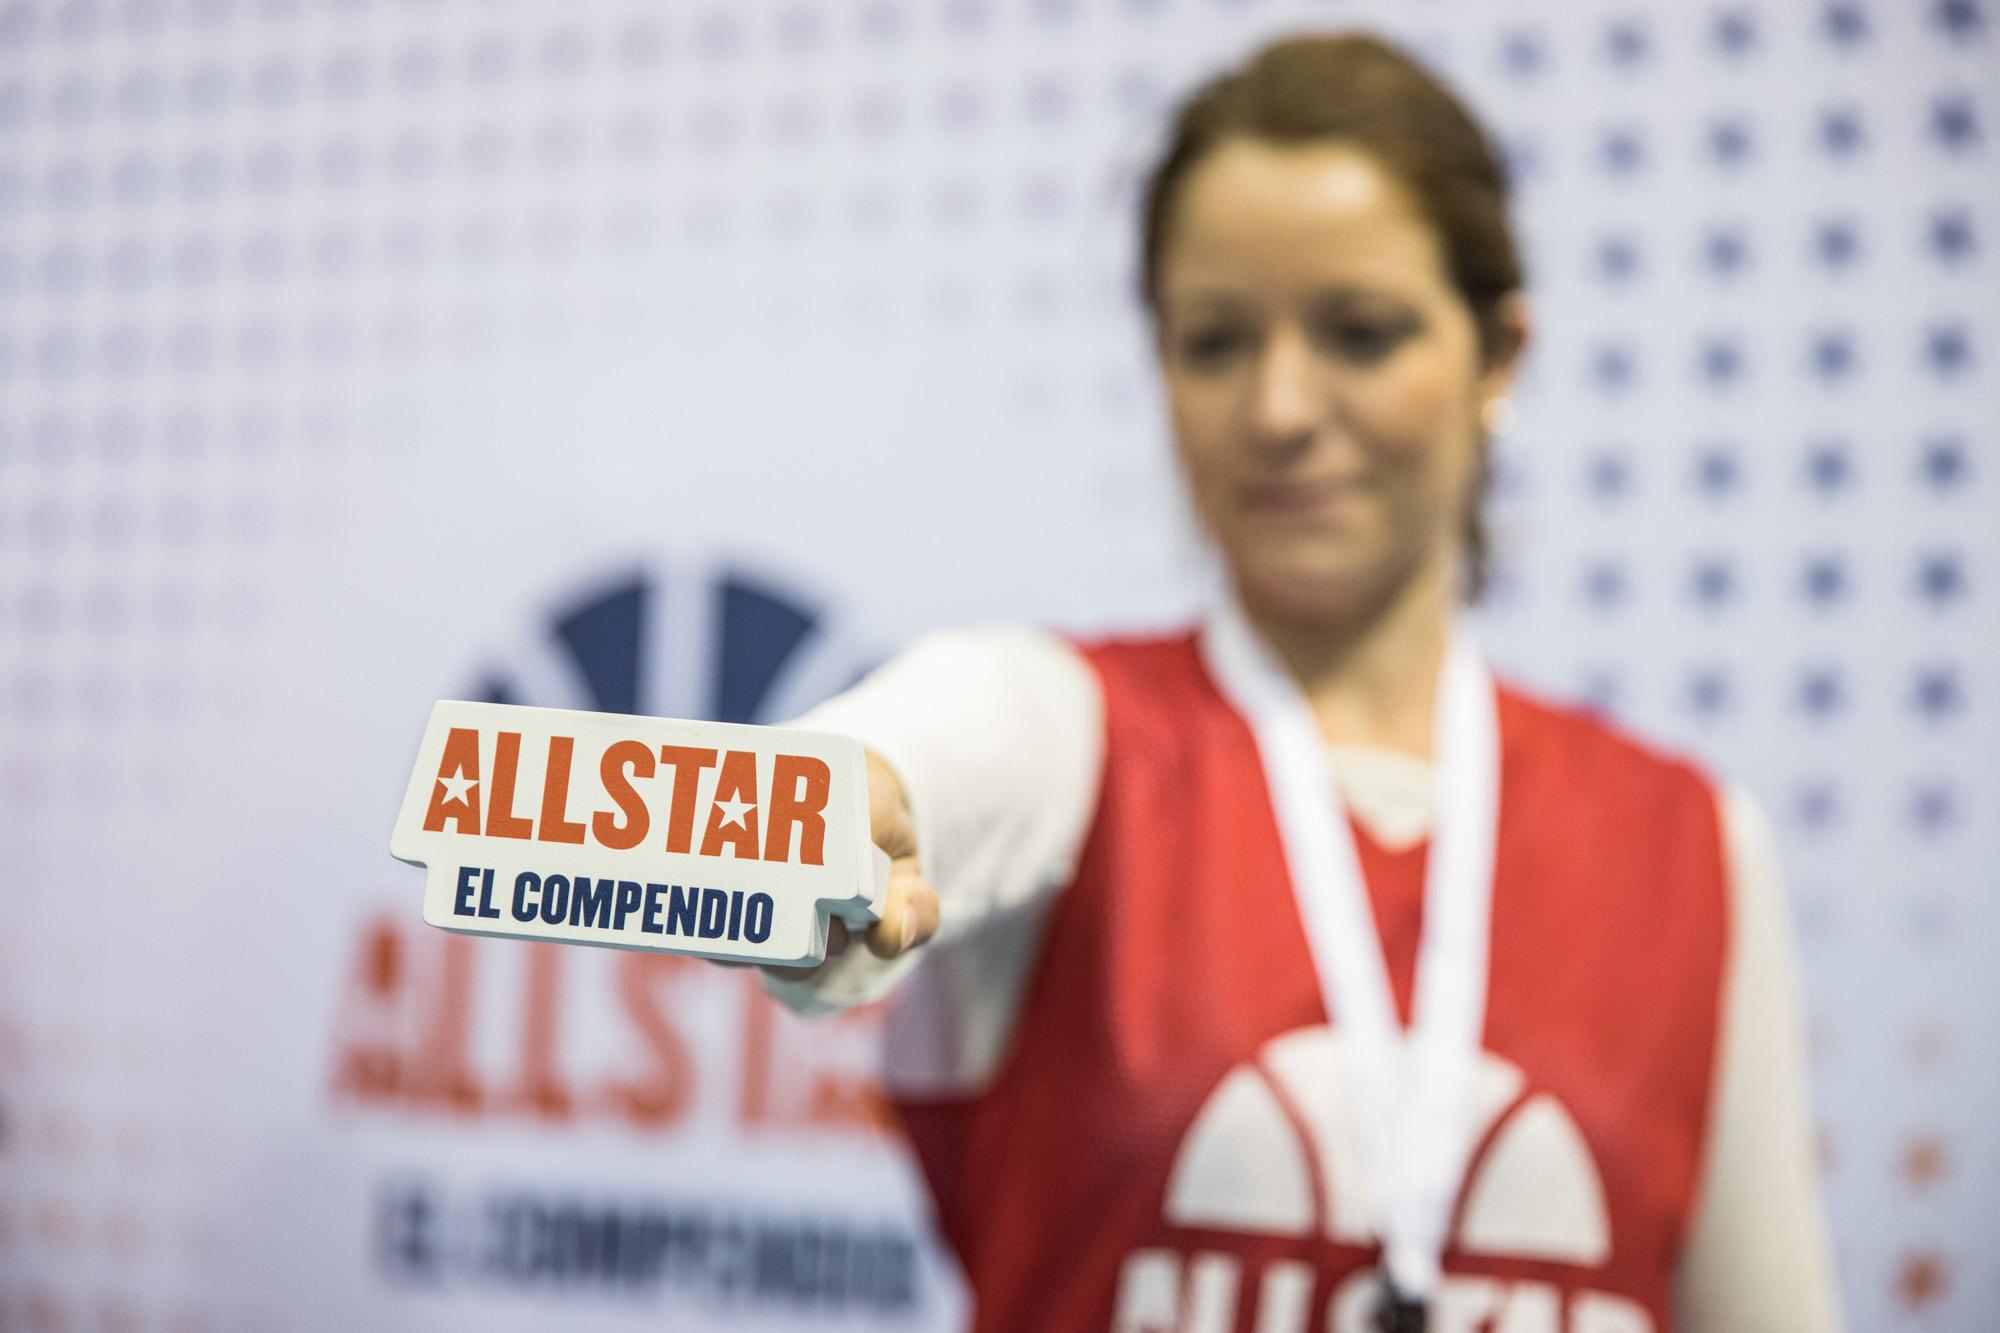 Allstar-Sitges-2017-69.jpg